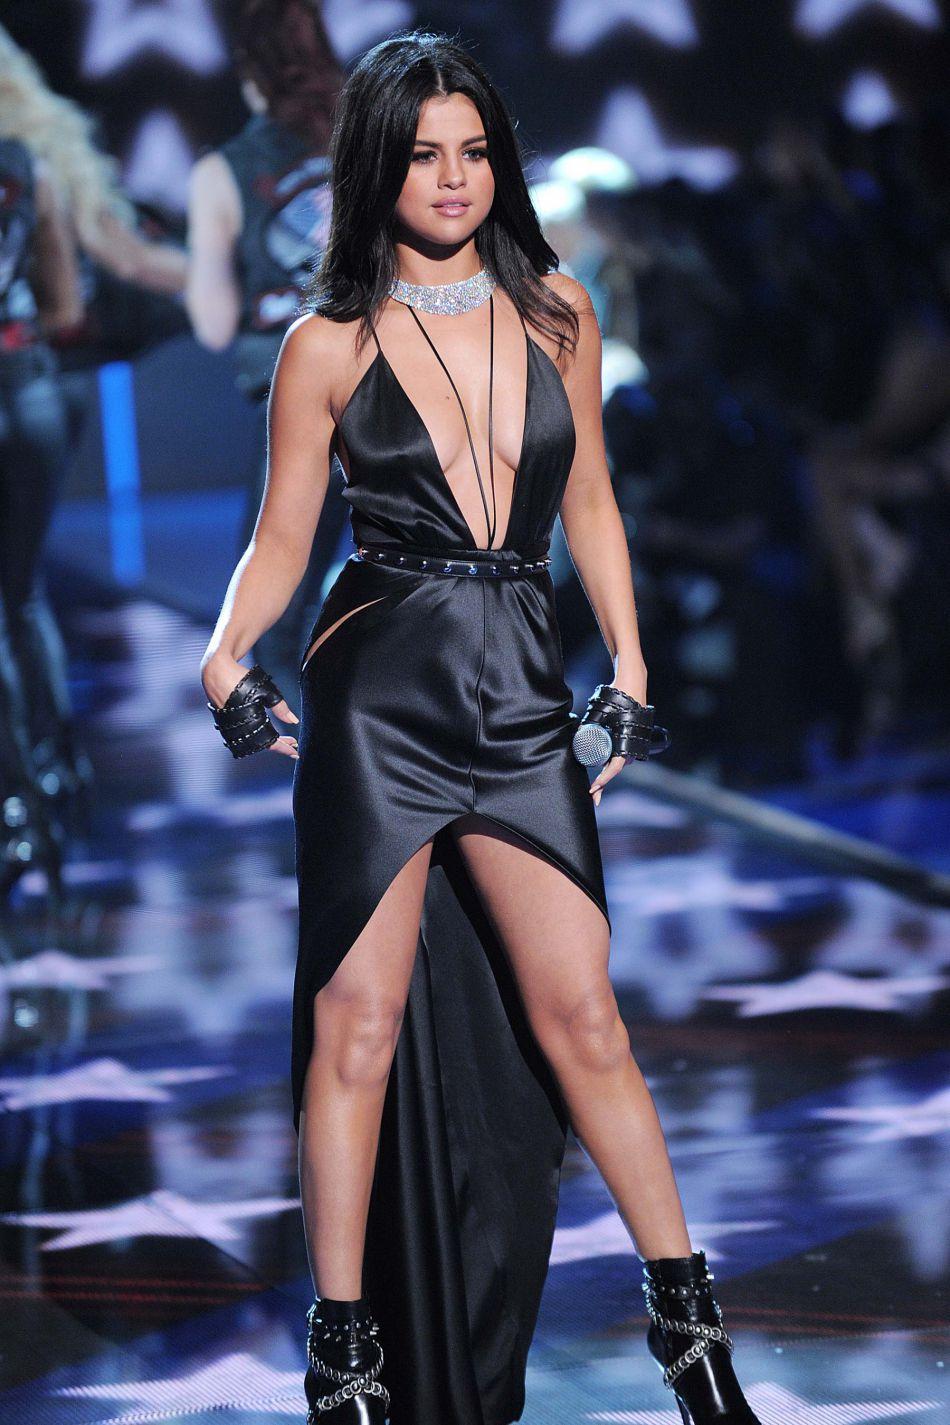 Pour ses tenues, Selena Gomez fait appel à de grands créateurs comme Karl Lagerfeld, Louis Vuitton ou encore Valentino.